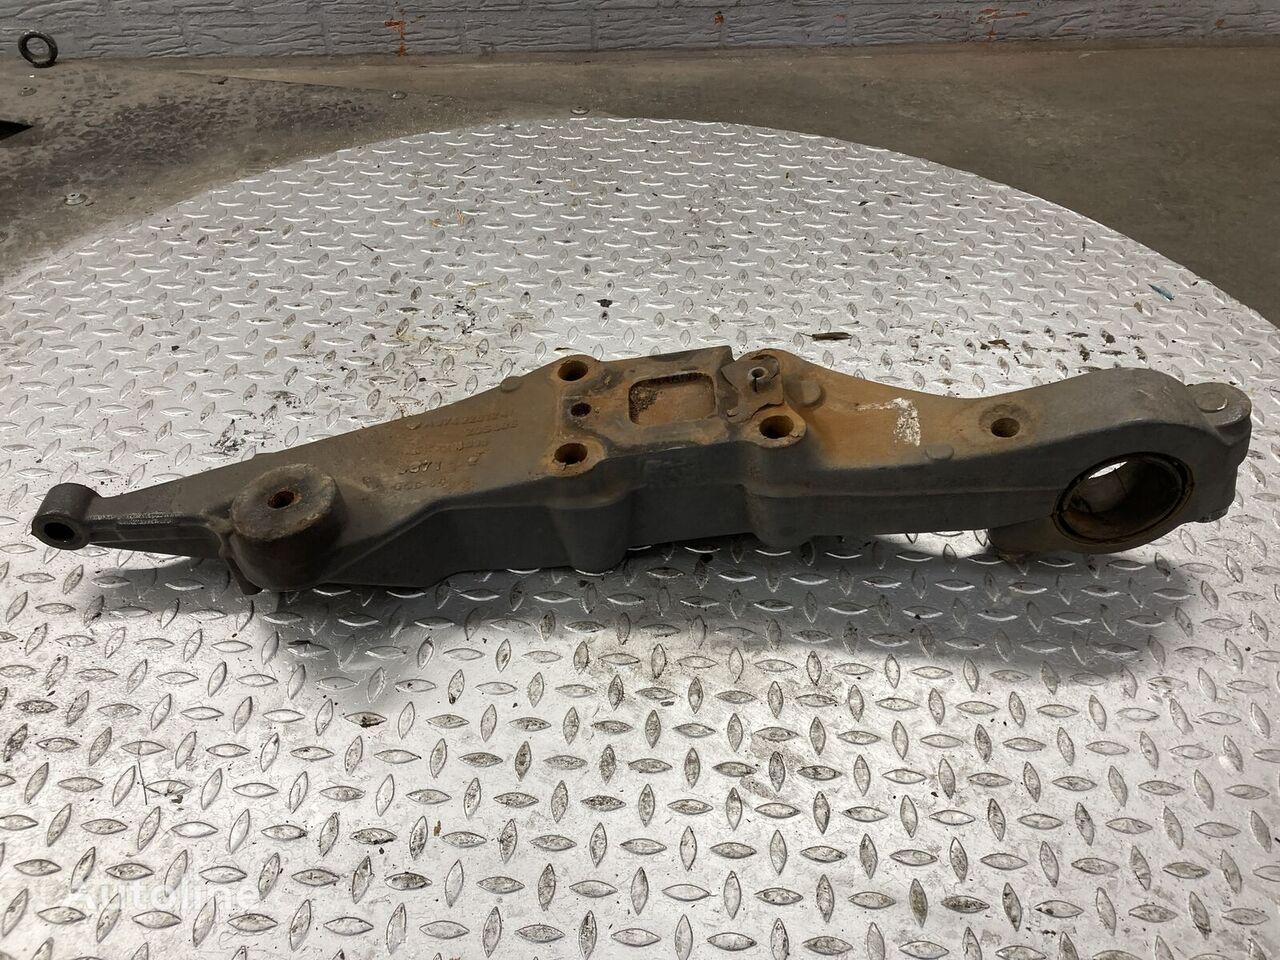 pezzi di ricambi  Steun links van luchtbalg achteras per camion MERCEDES-BENZ Steun links van luchtbalg achteras